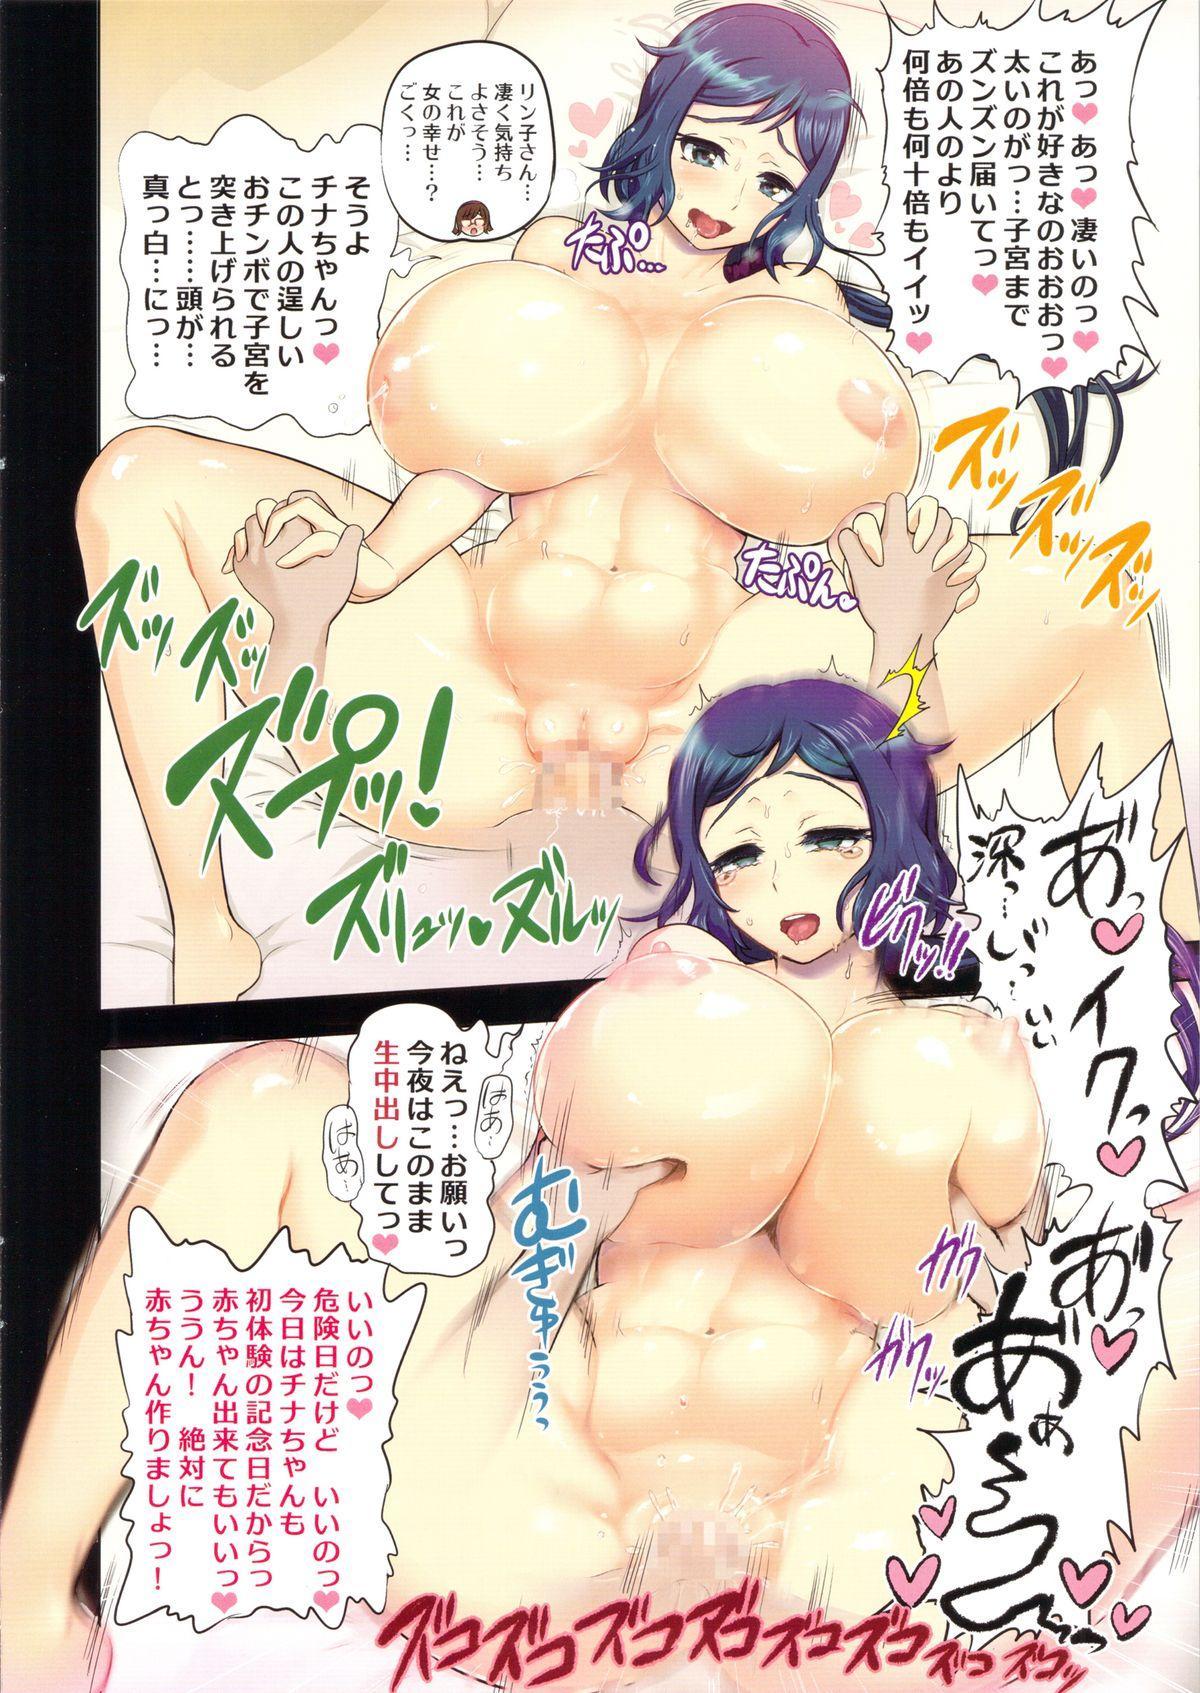 RinChina Icha Love Netori ♂×♀Hen 6